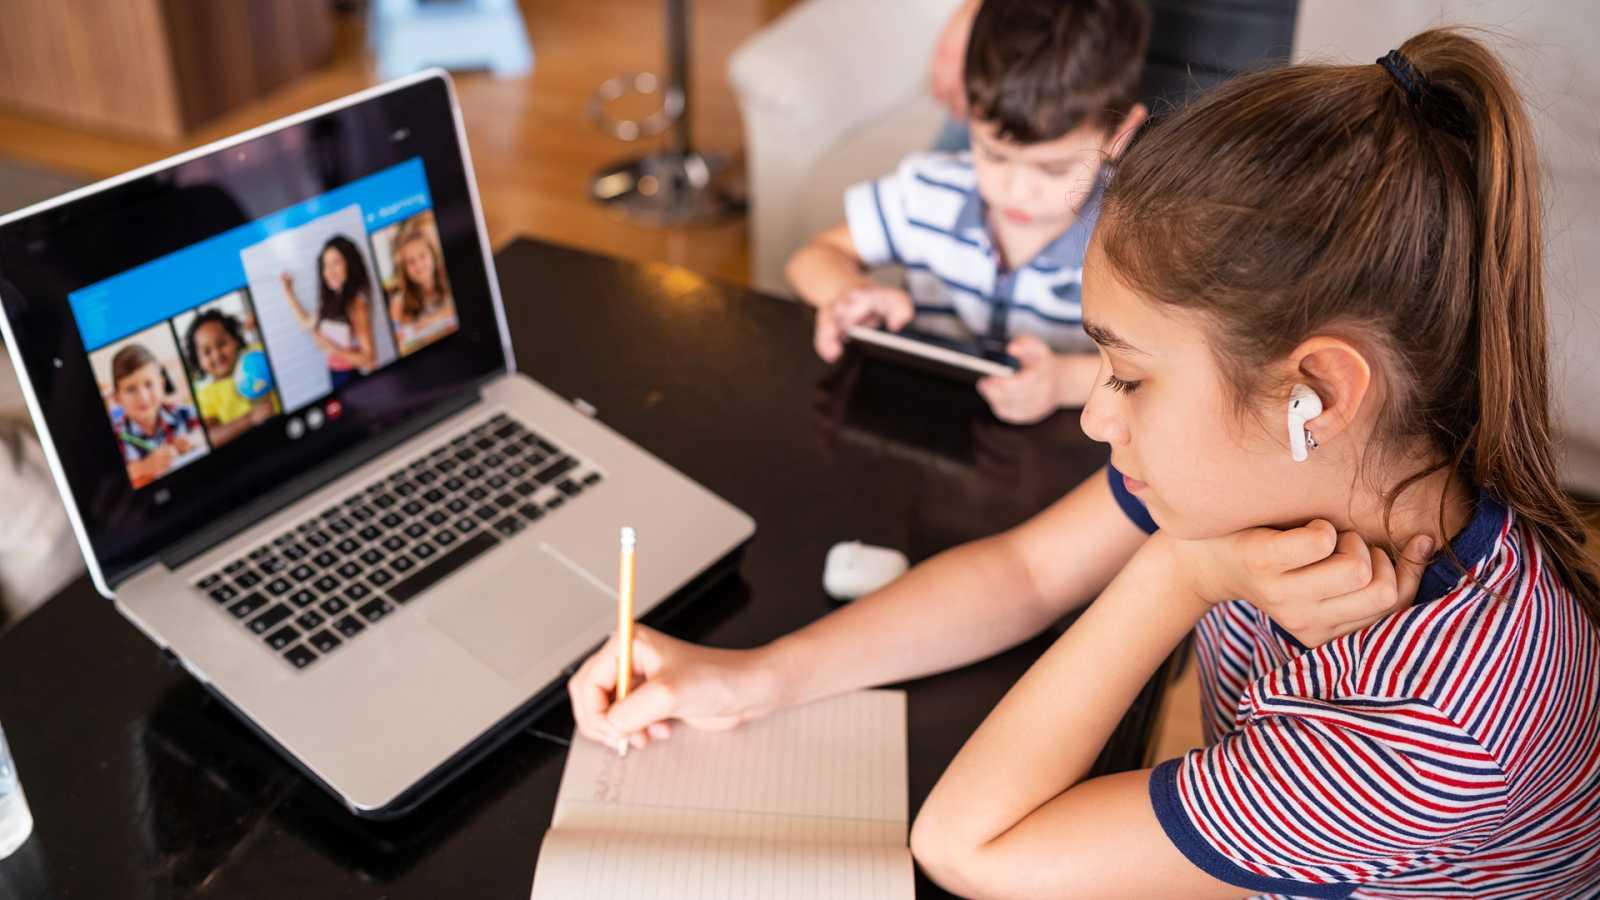 A golpe de bit - Educación 'online' para niños - 28/07/20 - escuchar ahora